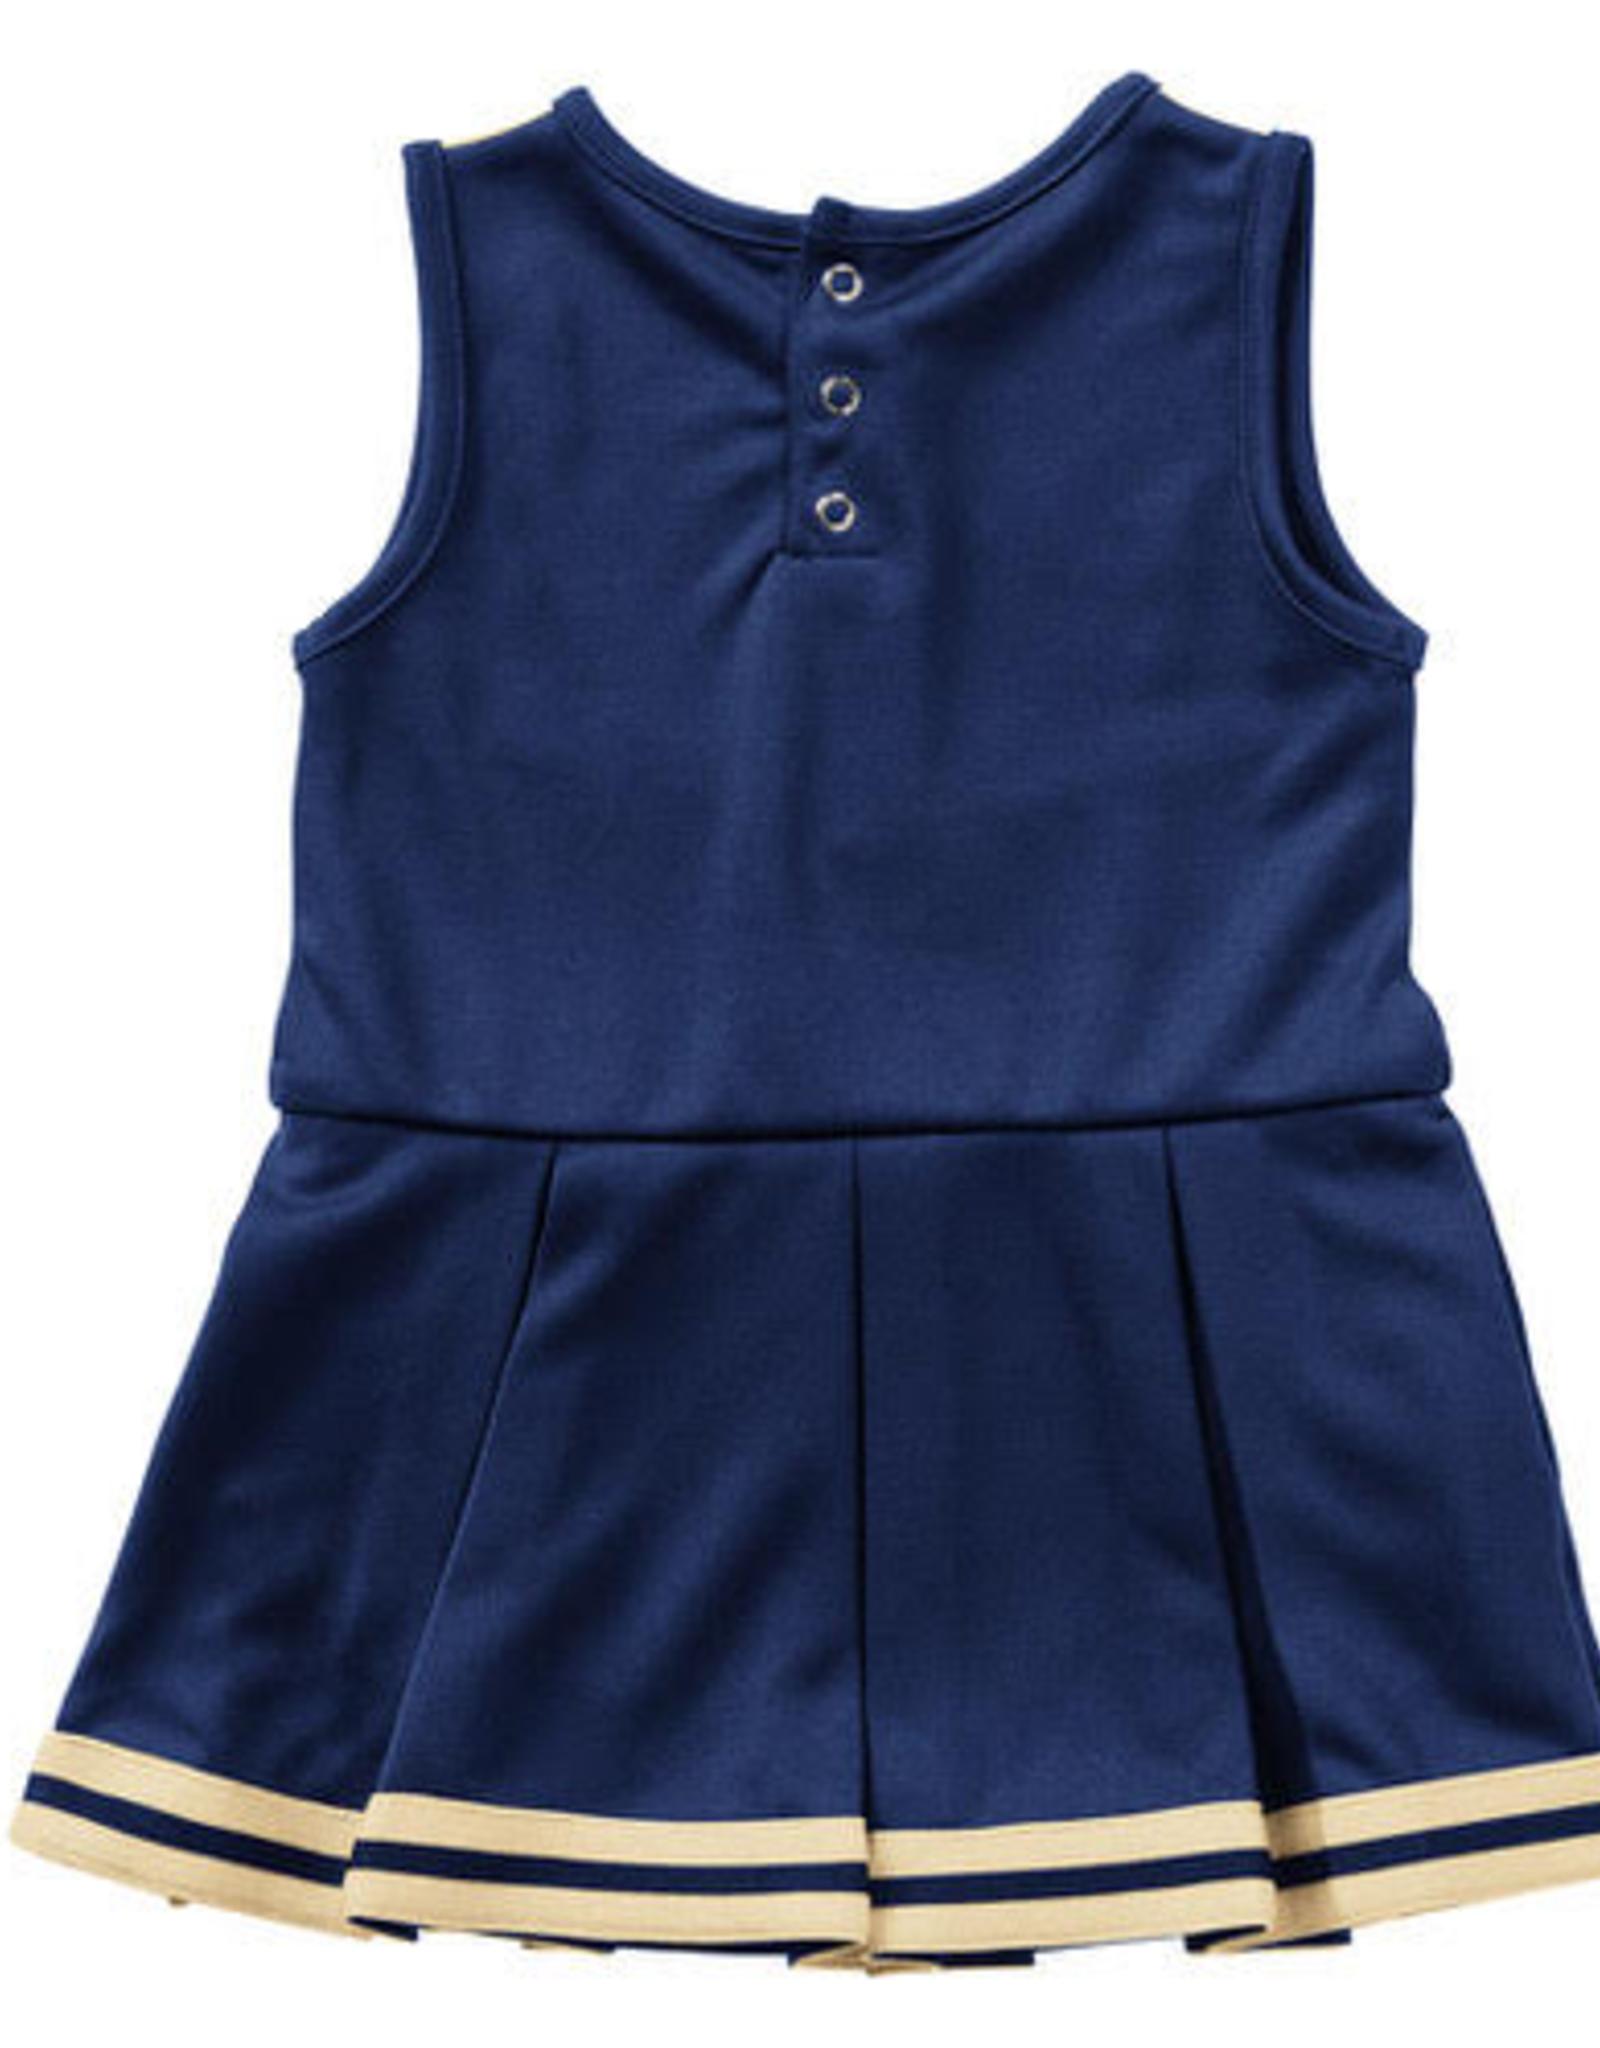 Colosseum Infant Girl's Cheer Dress